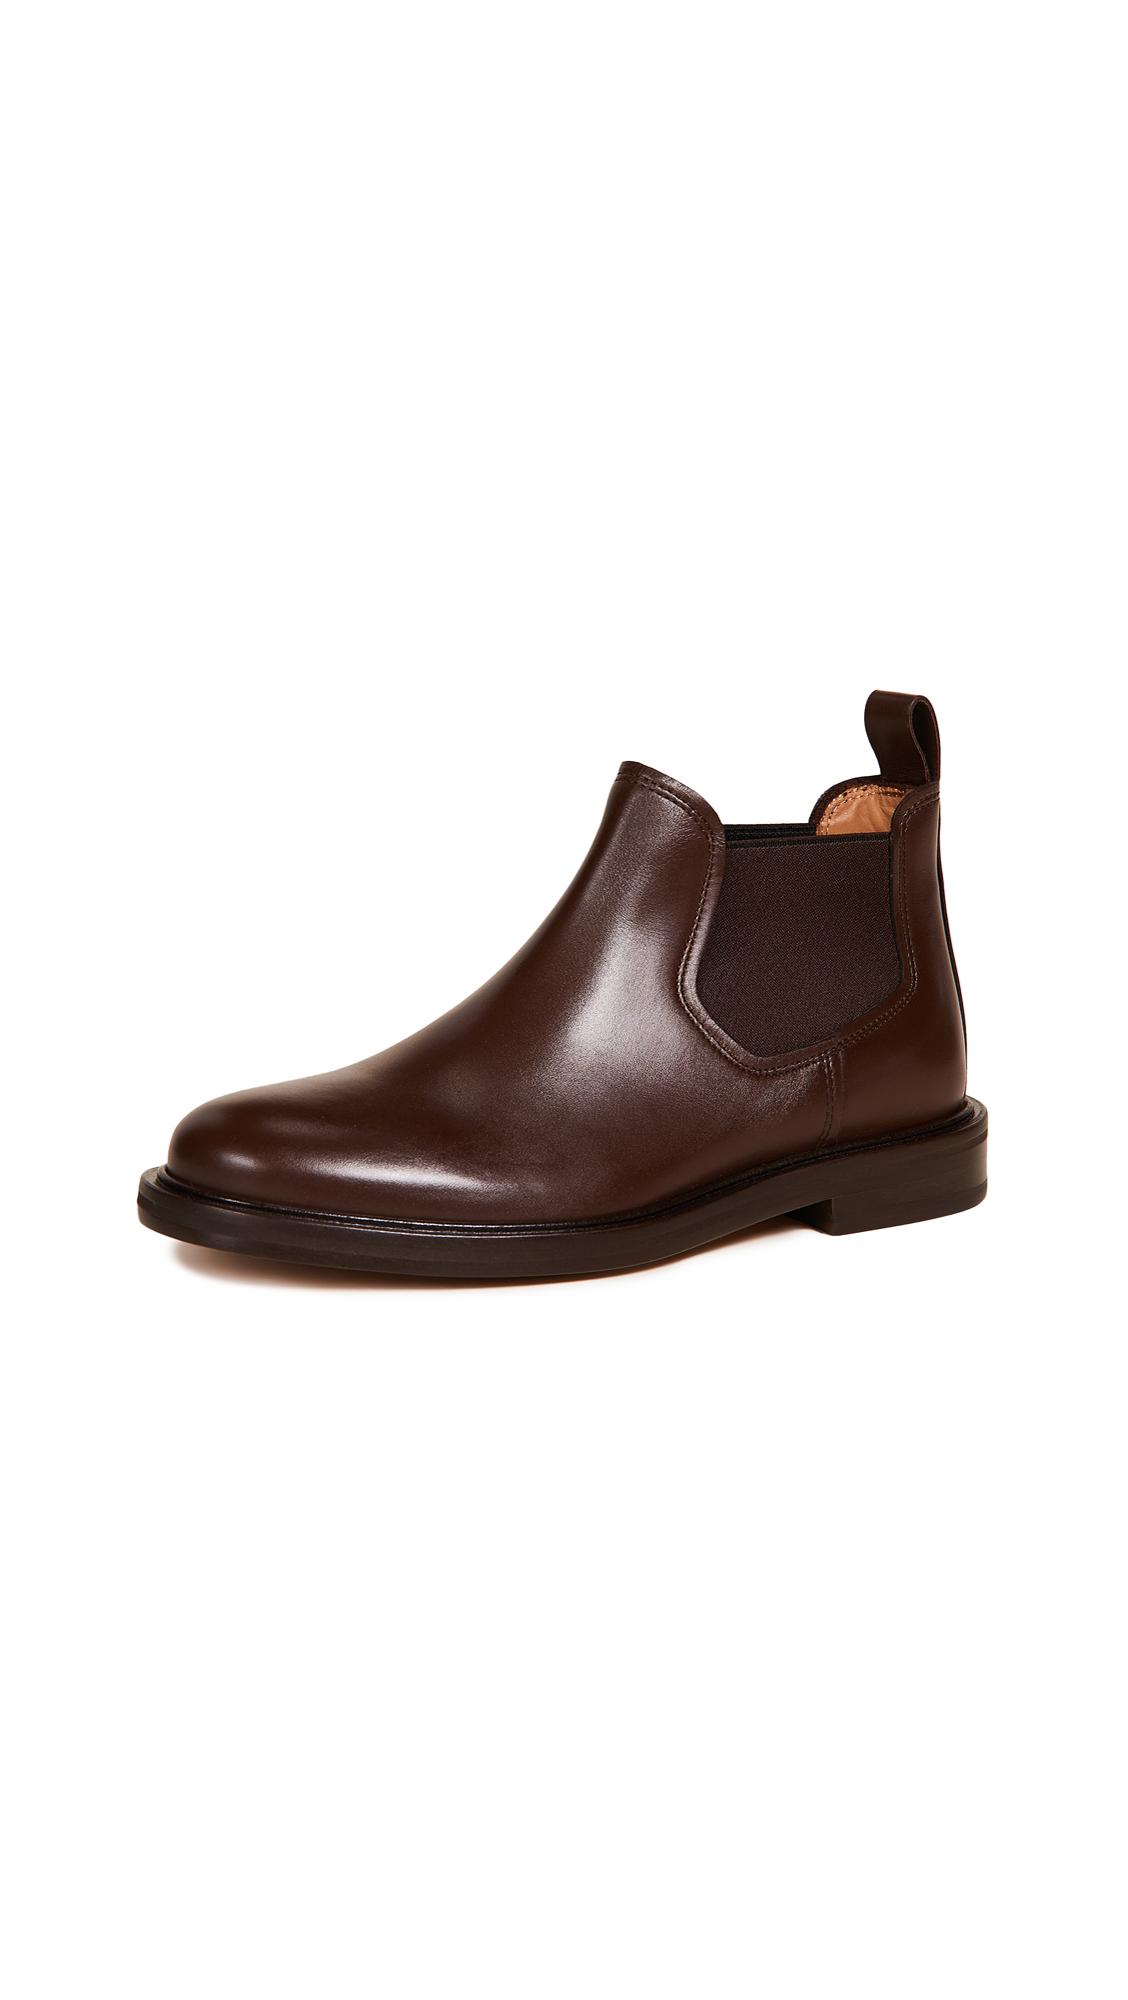 A.P.C. Joelle Boots - Marron